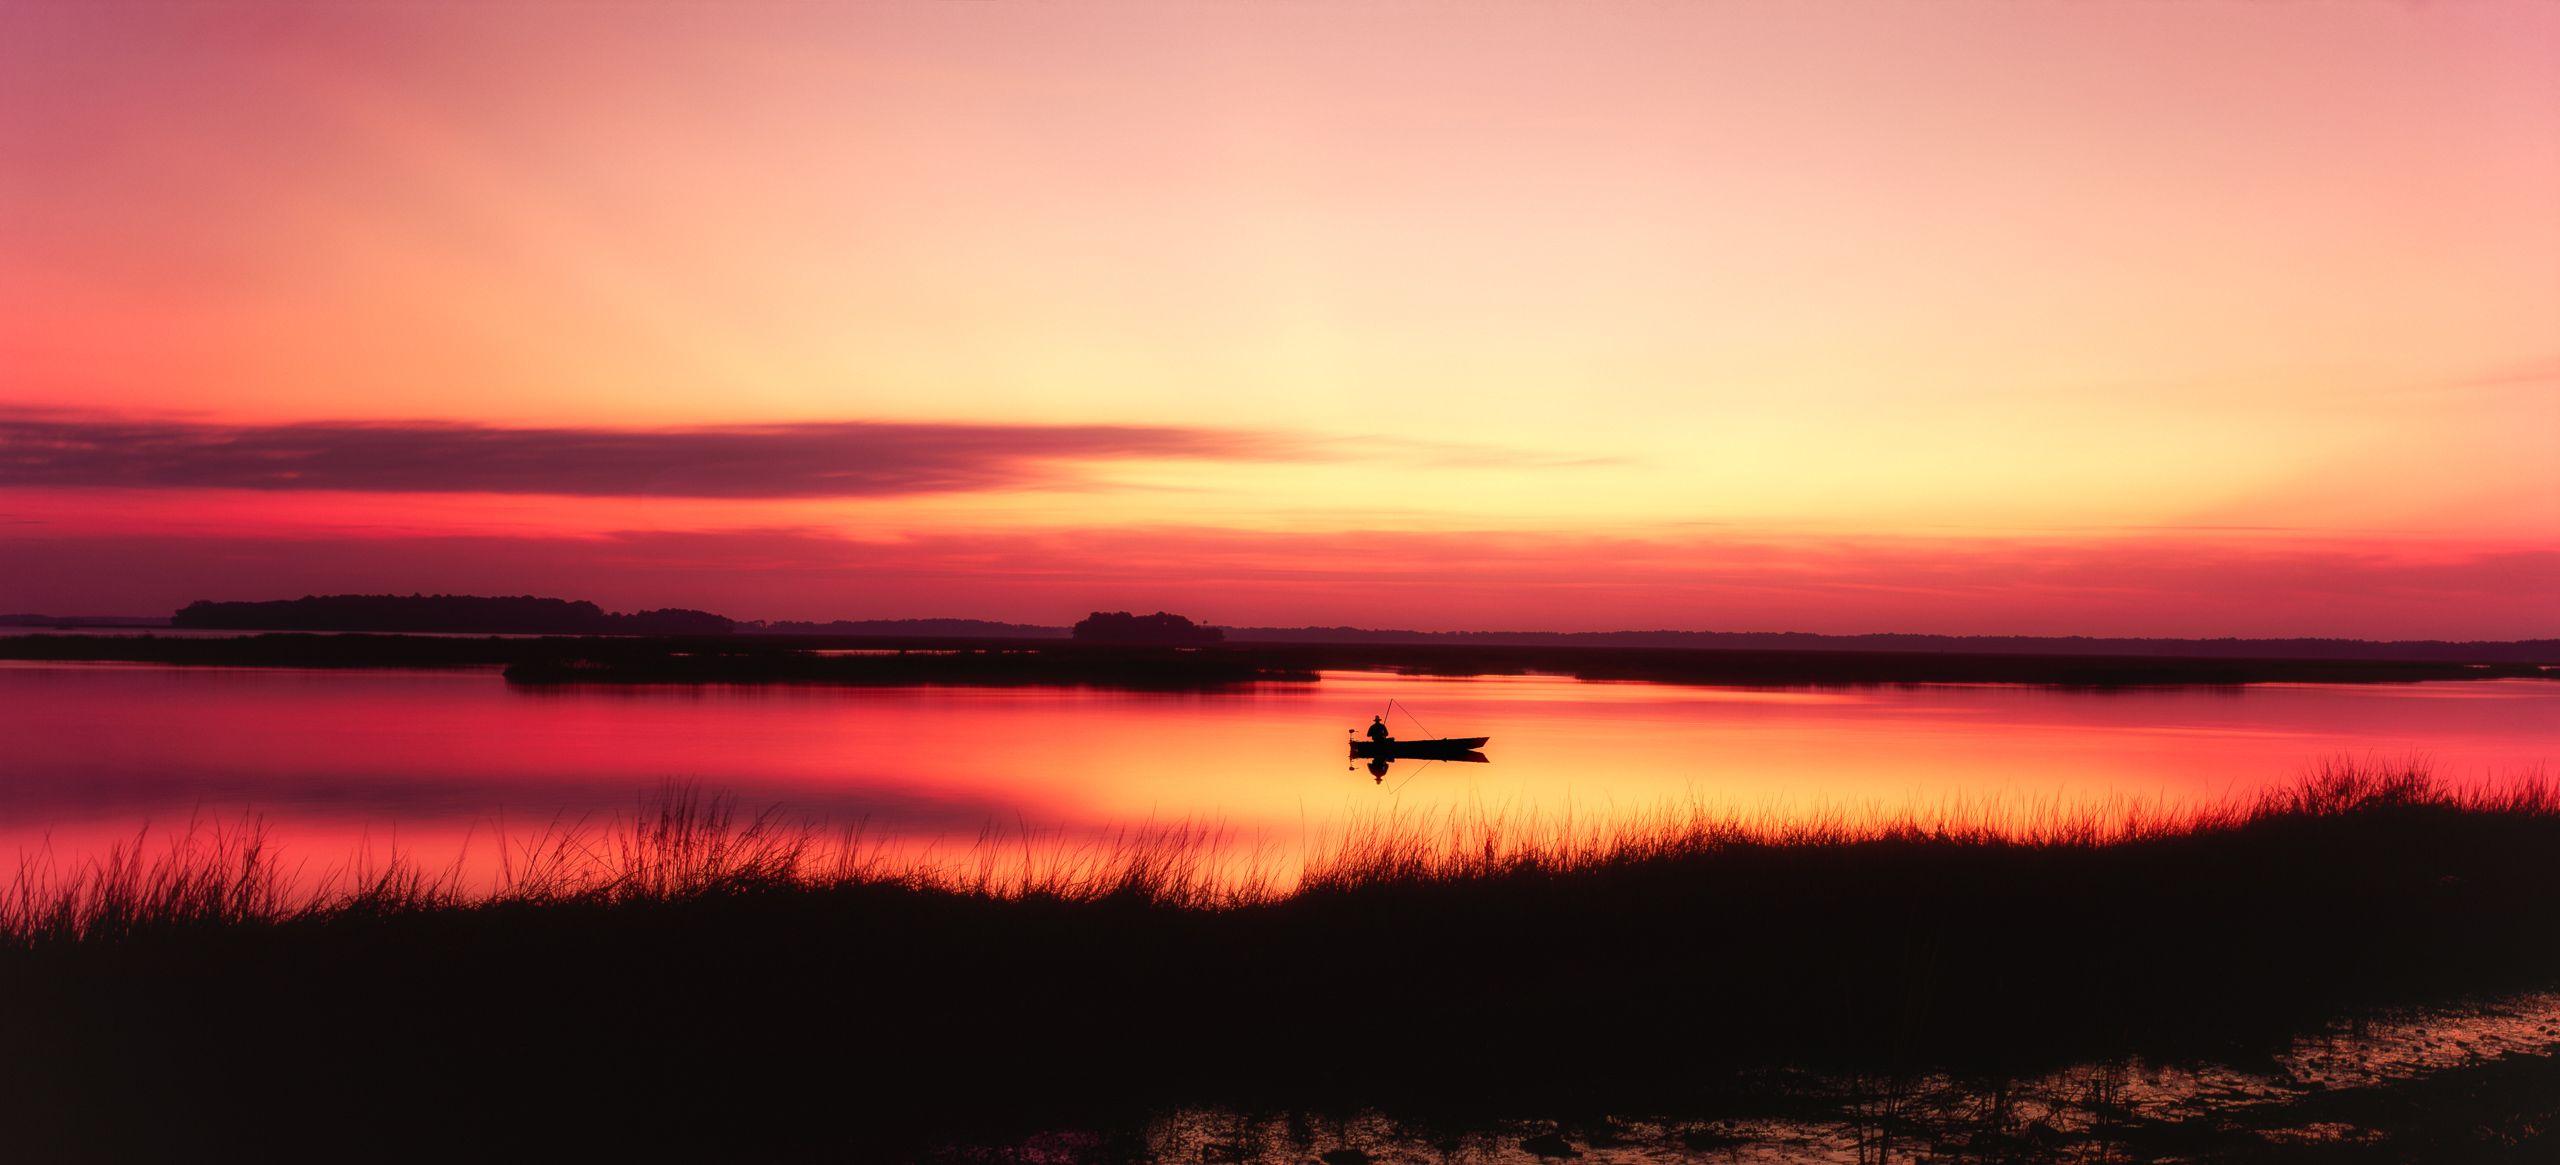 sunrise_sc-Edit.jpg